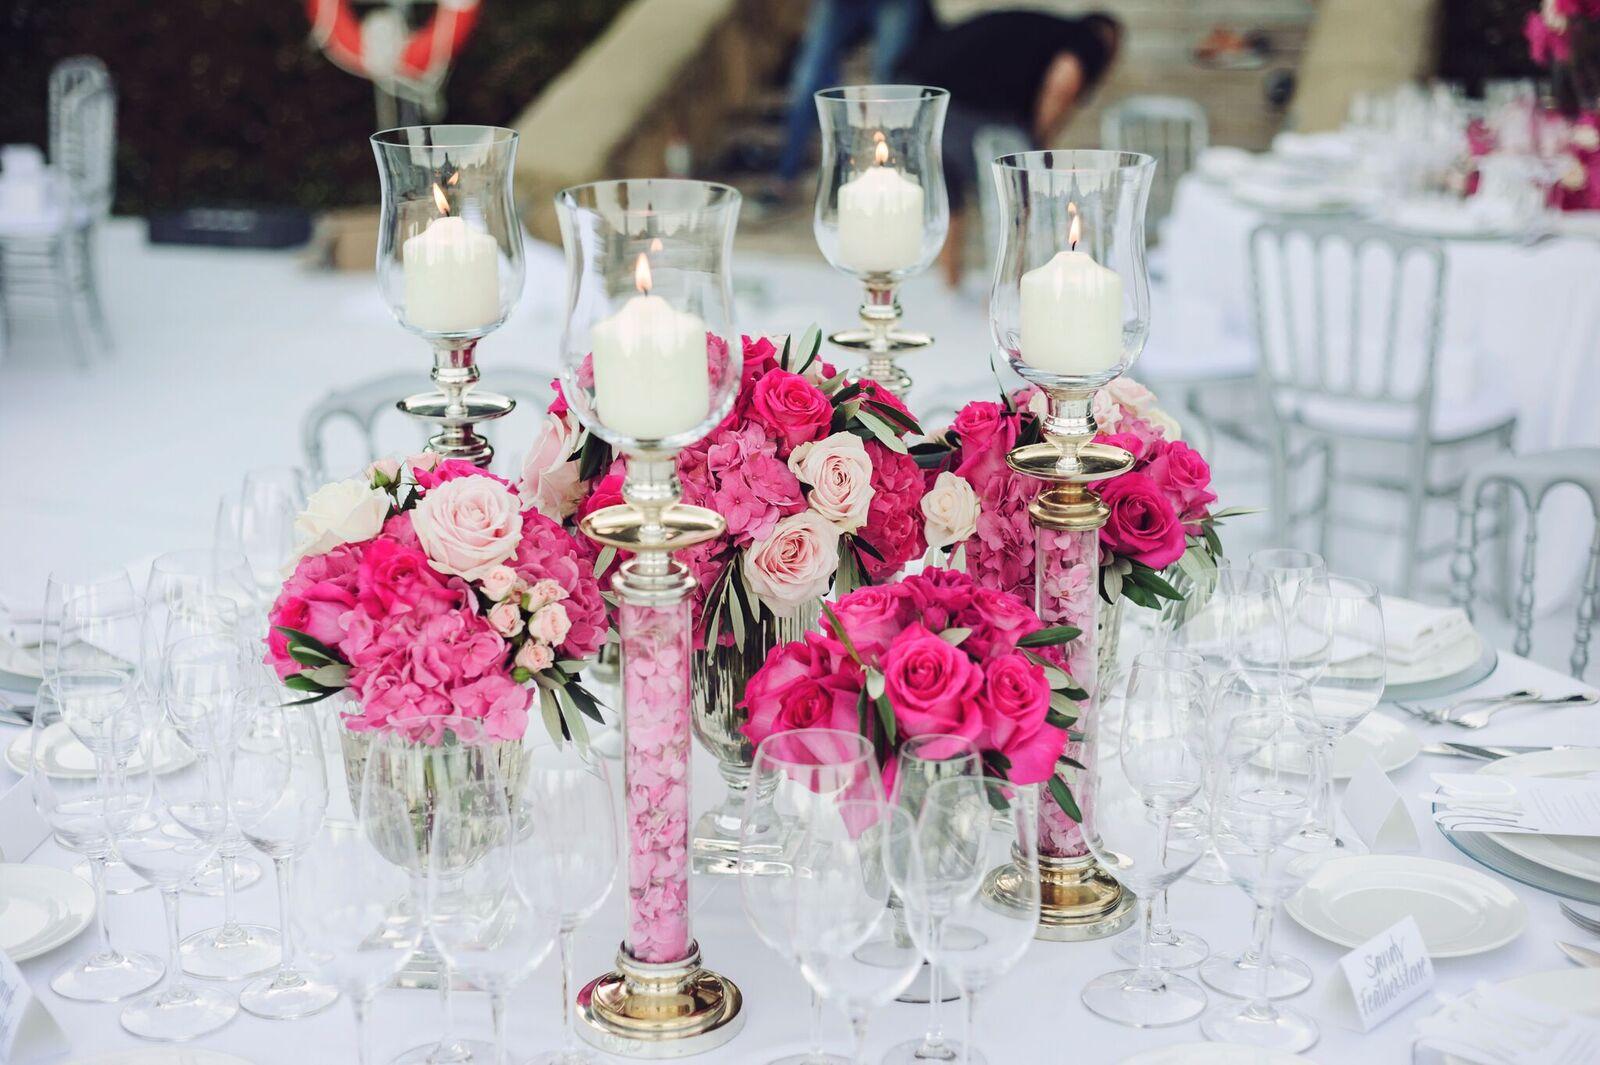 Si-Quiero-Wedding-Planner-Sira-Antequera-Michelle-Walter-012